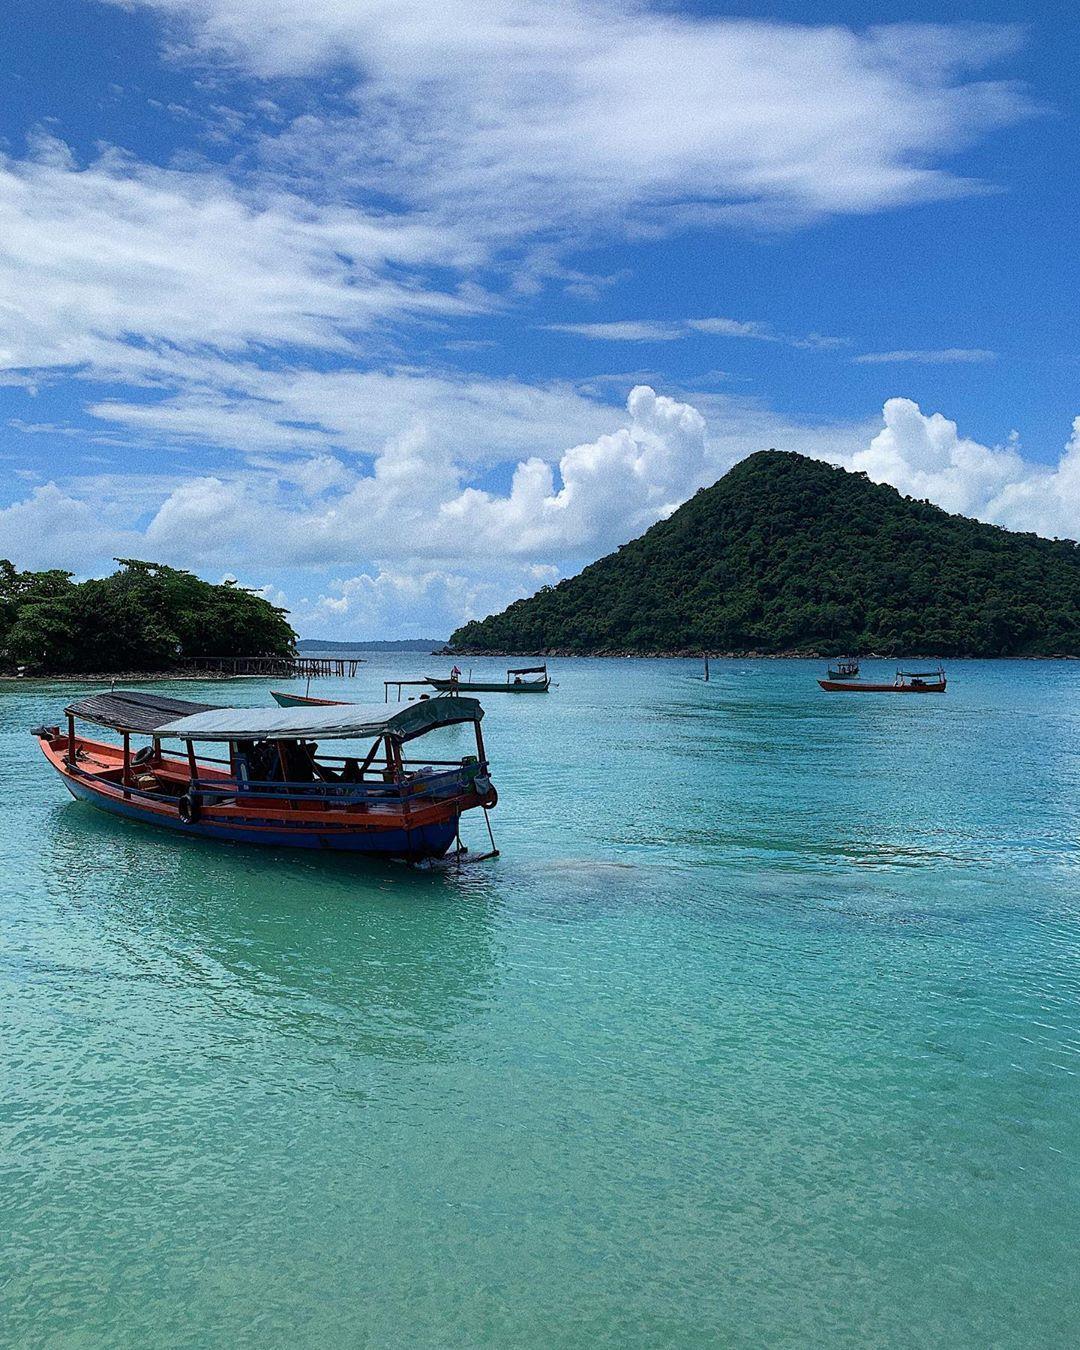 Tới Campuchia, lạc lối giữa thiên đường biển đẹp ngỡ Maldives Ảnh 1